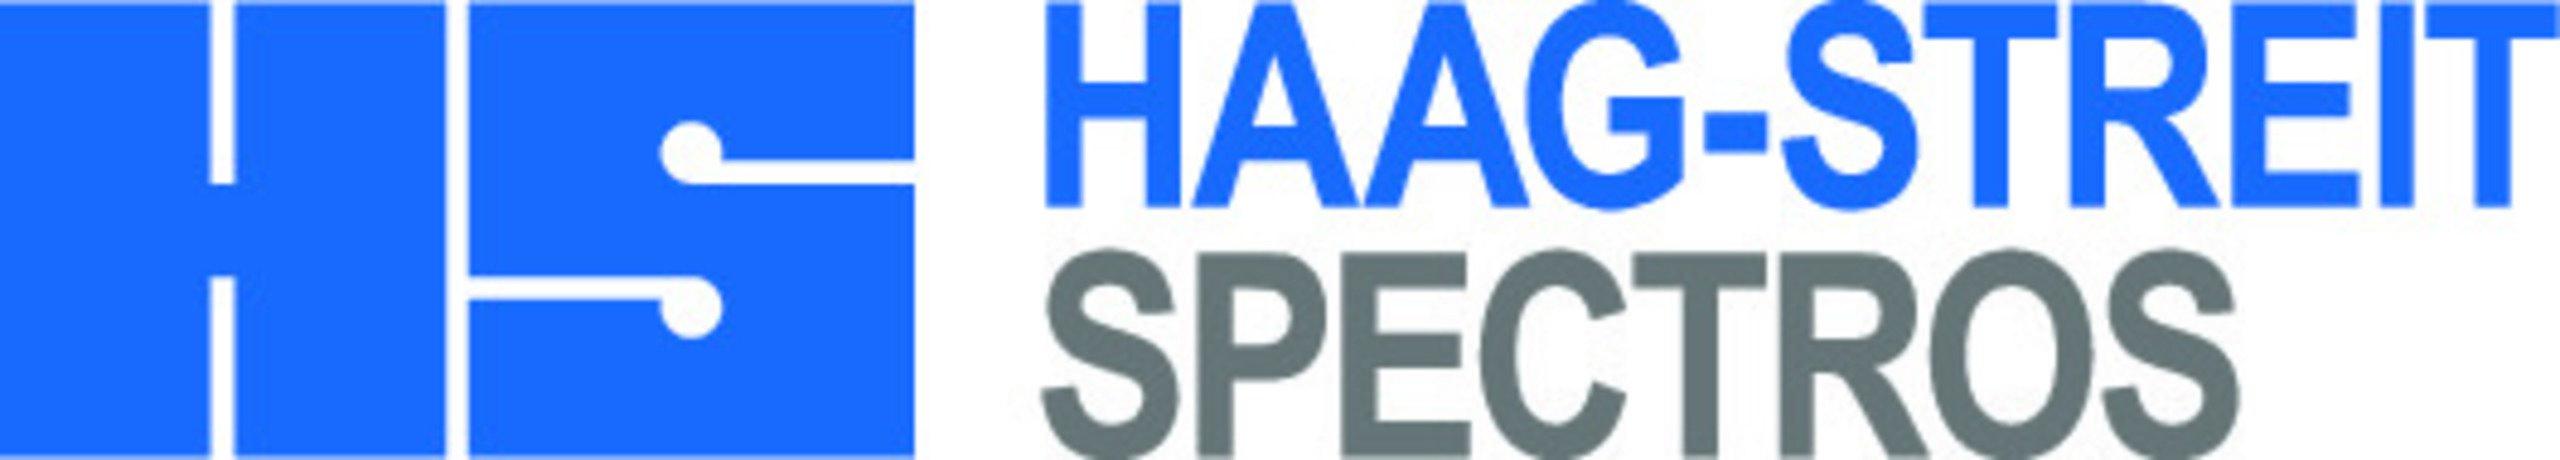 Haag-Streit Spectros